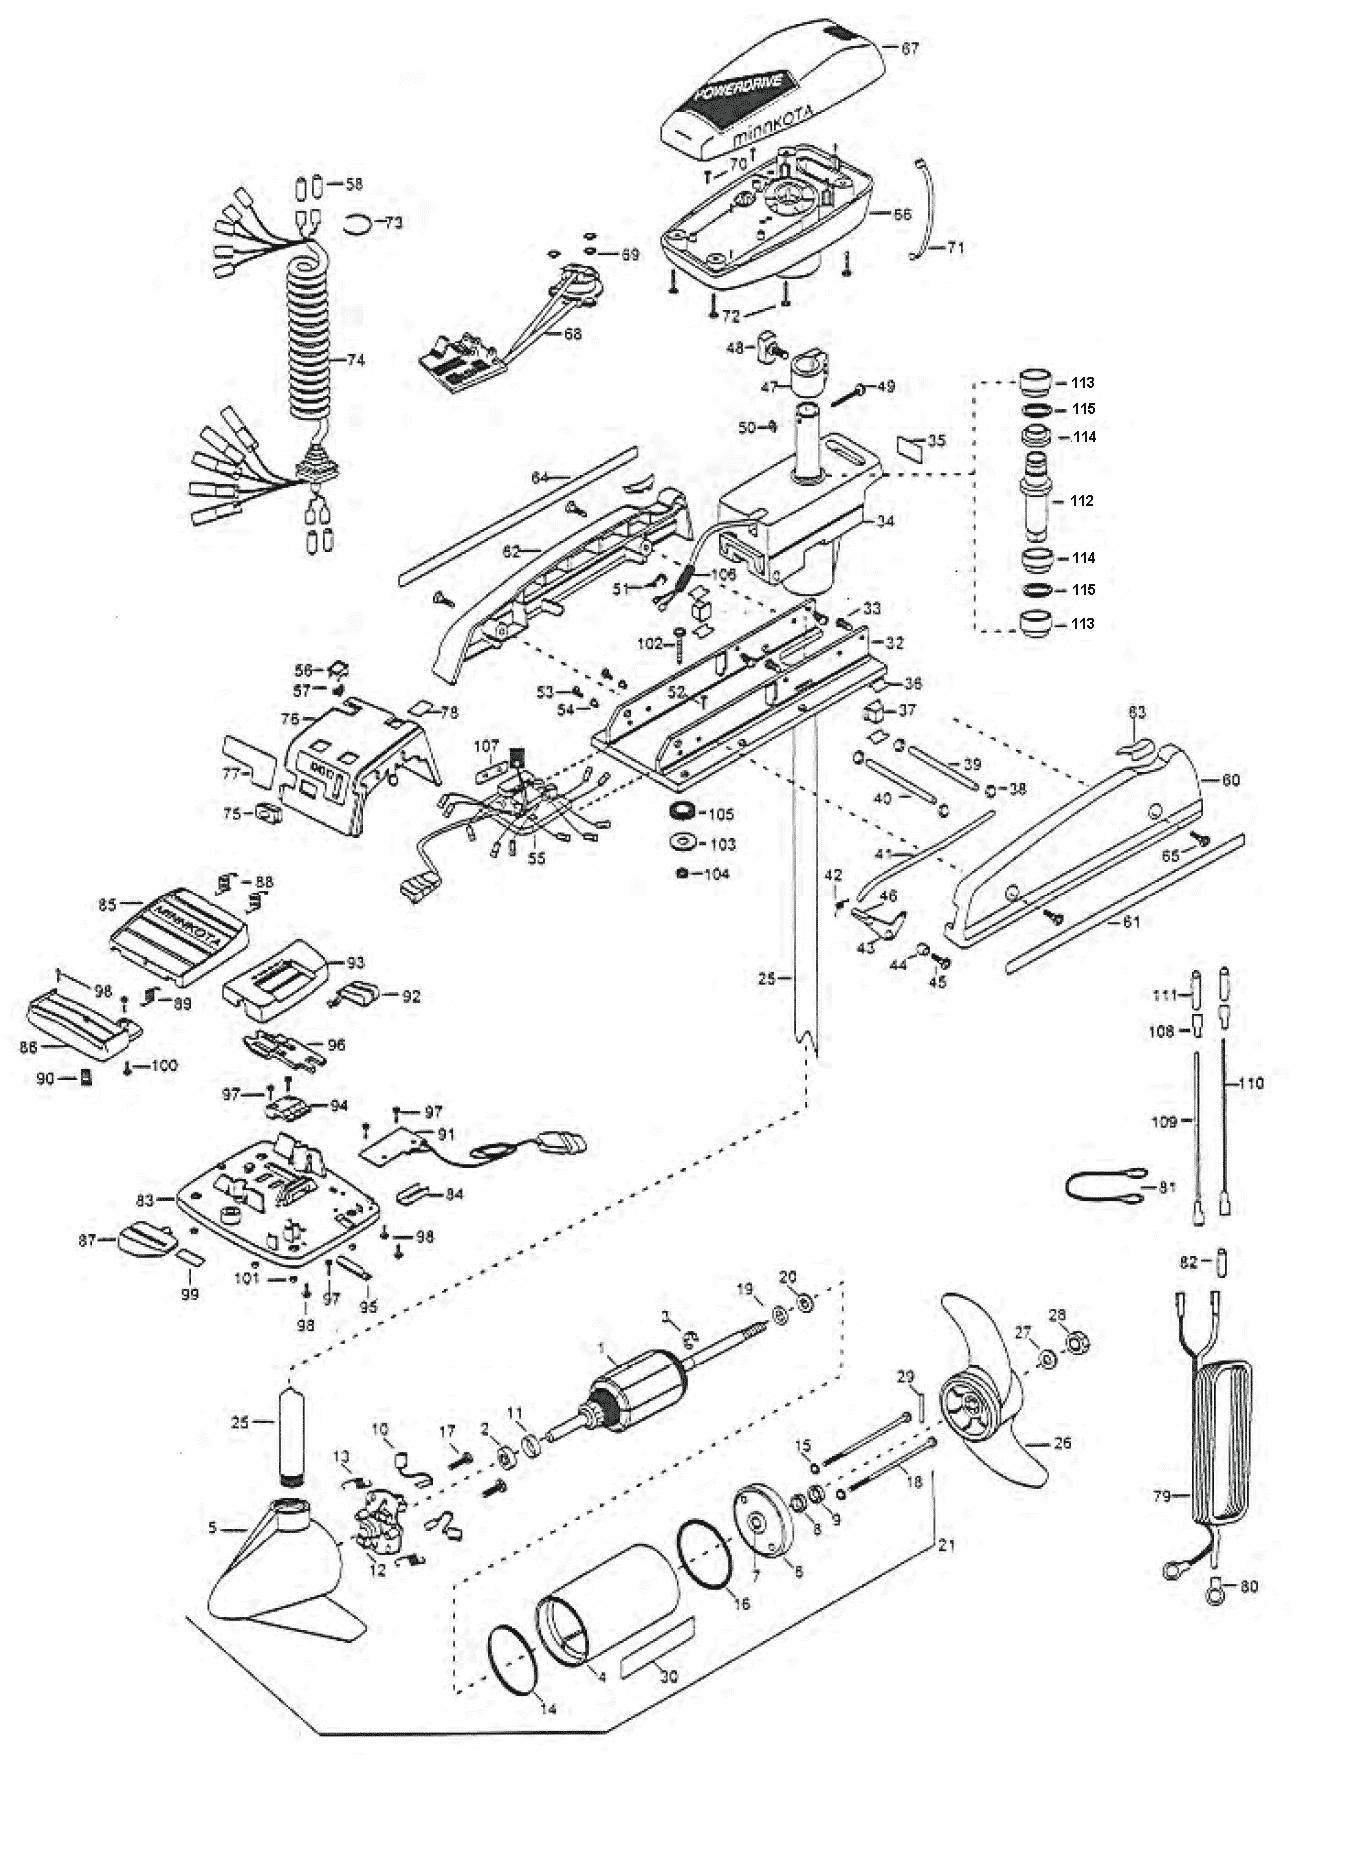 minn kota auto pilot wiring diagram minn kota 36 volt wiring diagram #8